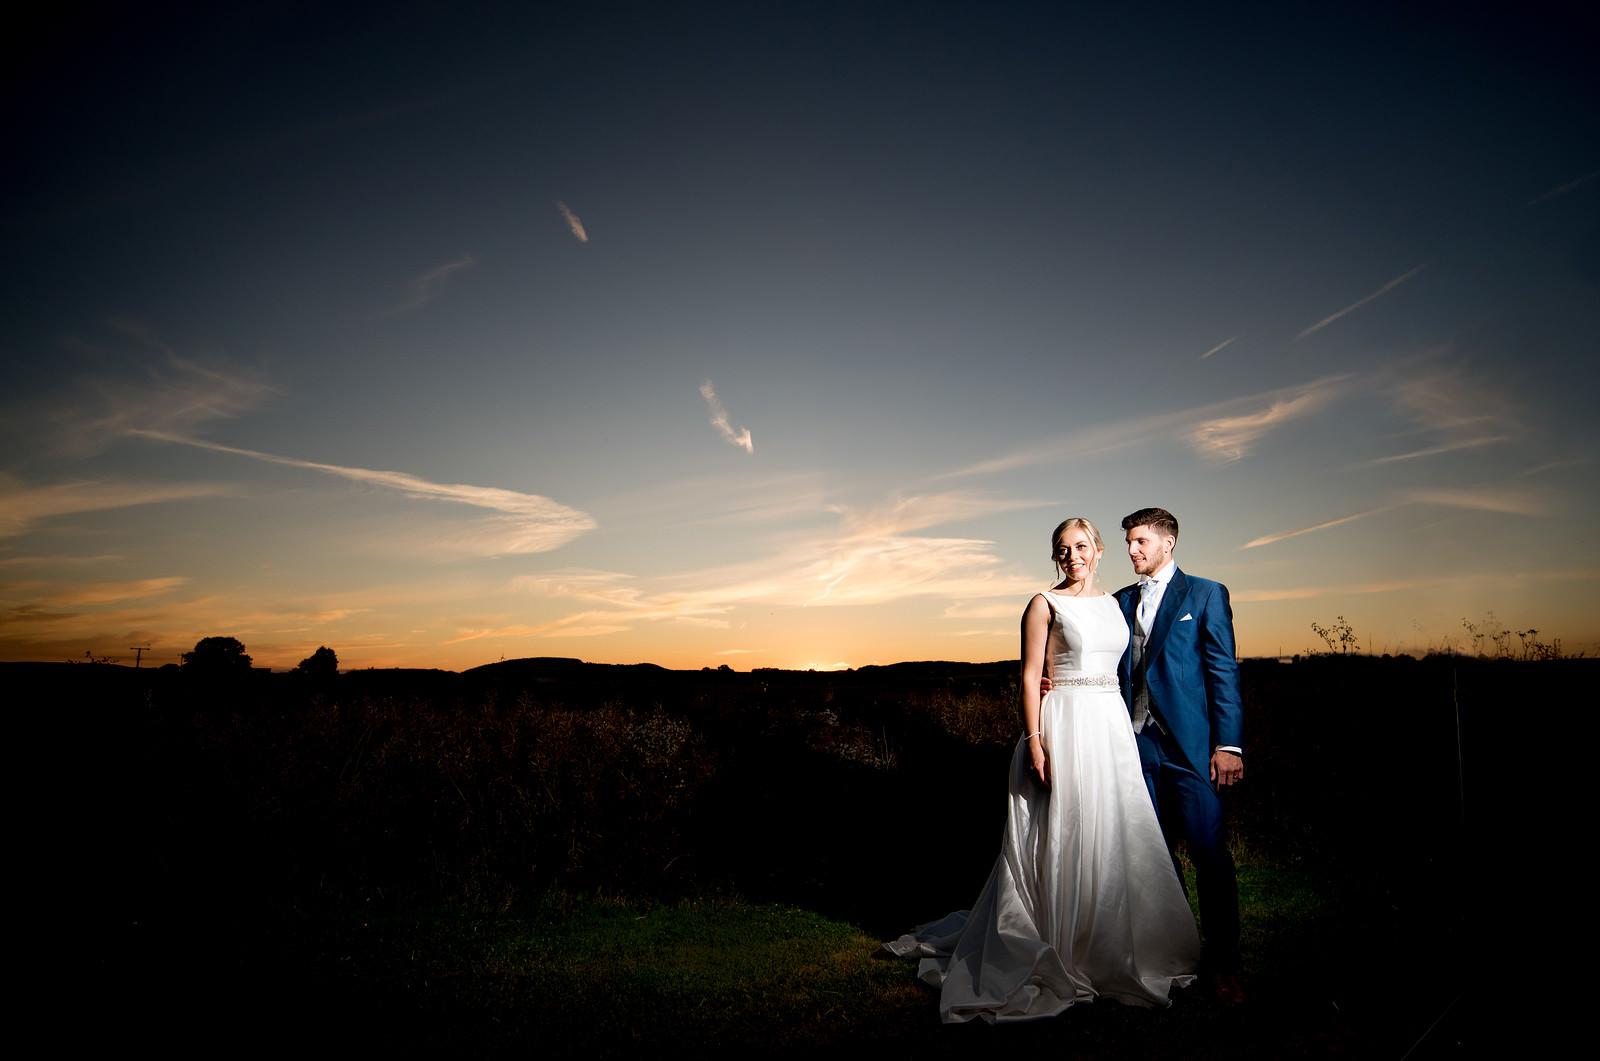 Sunset wedding photo